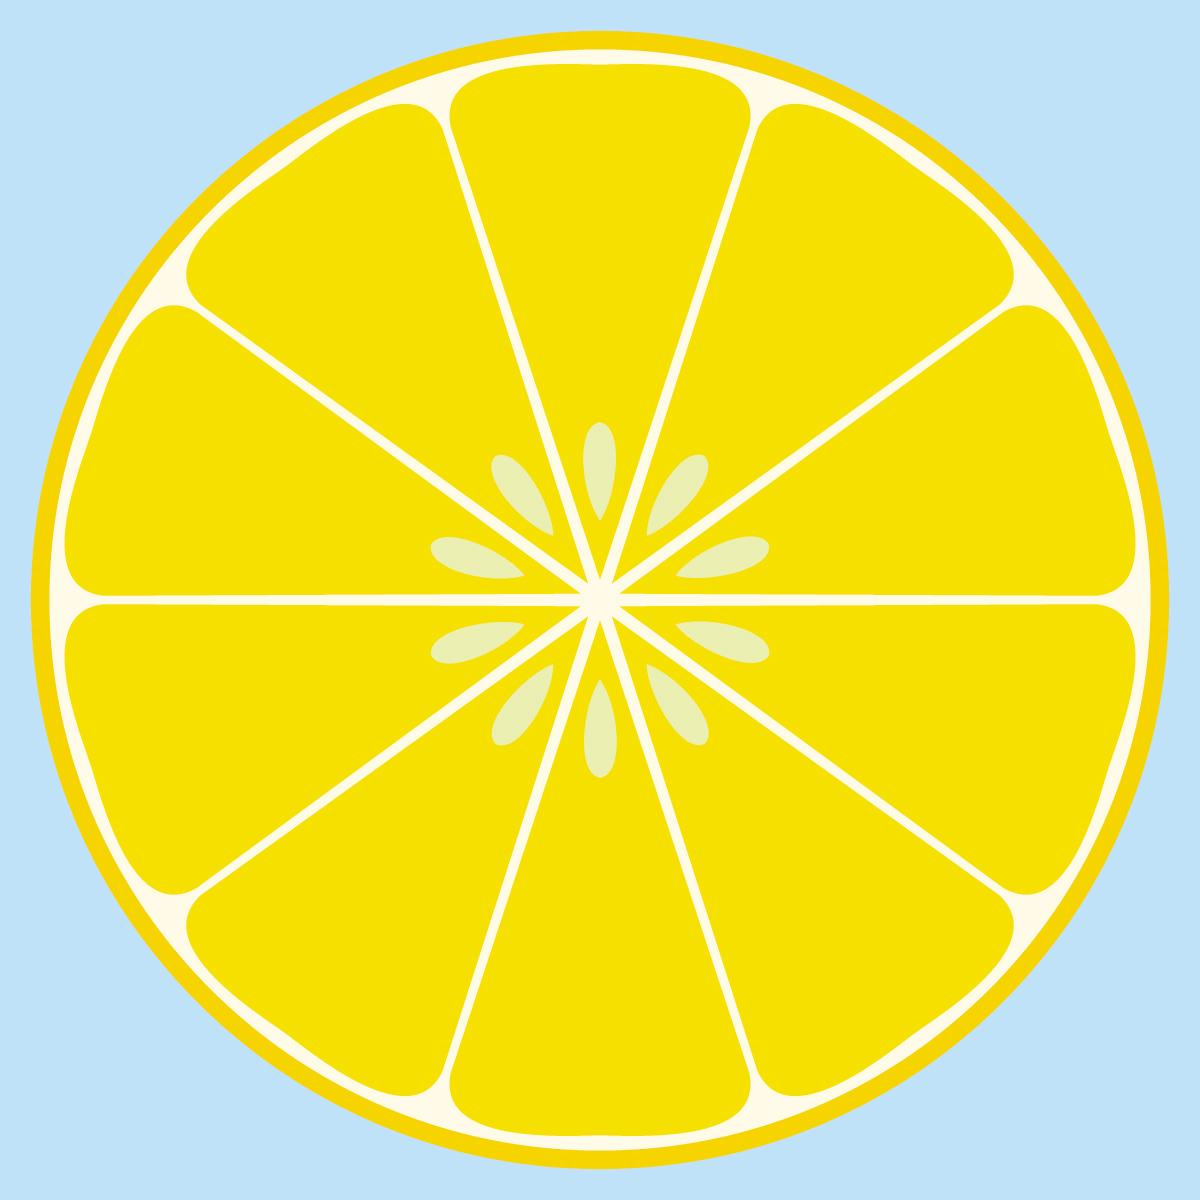 Lemon clip art 4-Lemon clip art 4-13